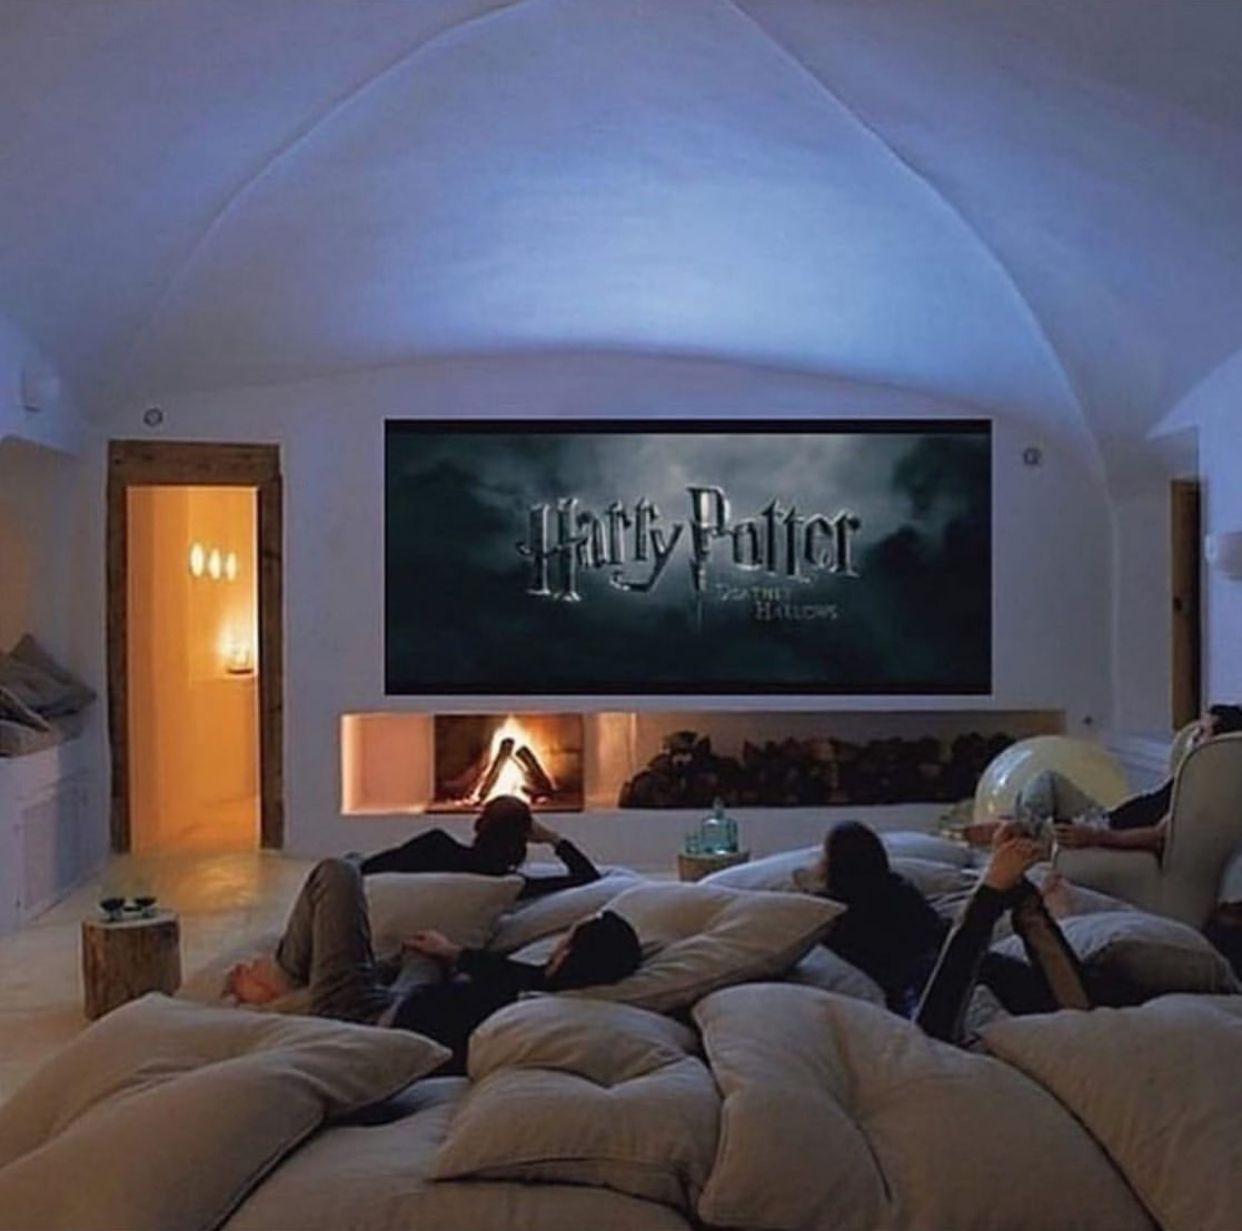 Pin By Talia Neiva On Casas Harry Potter Marathon Harry Potter Movie Night Harry Potter Movies